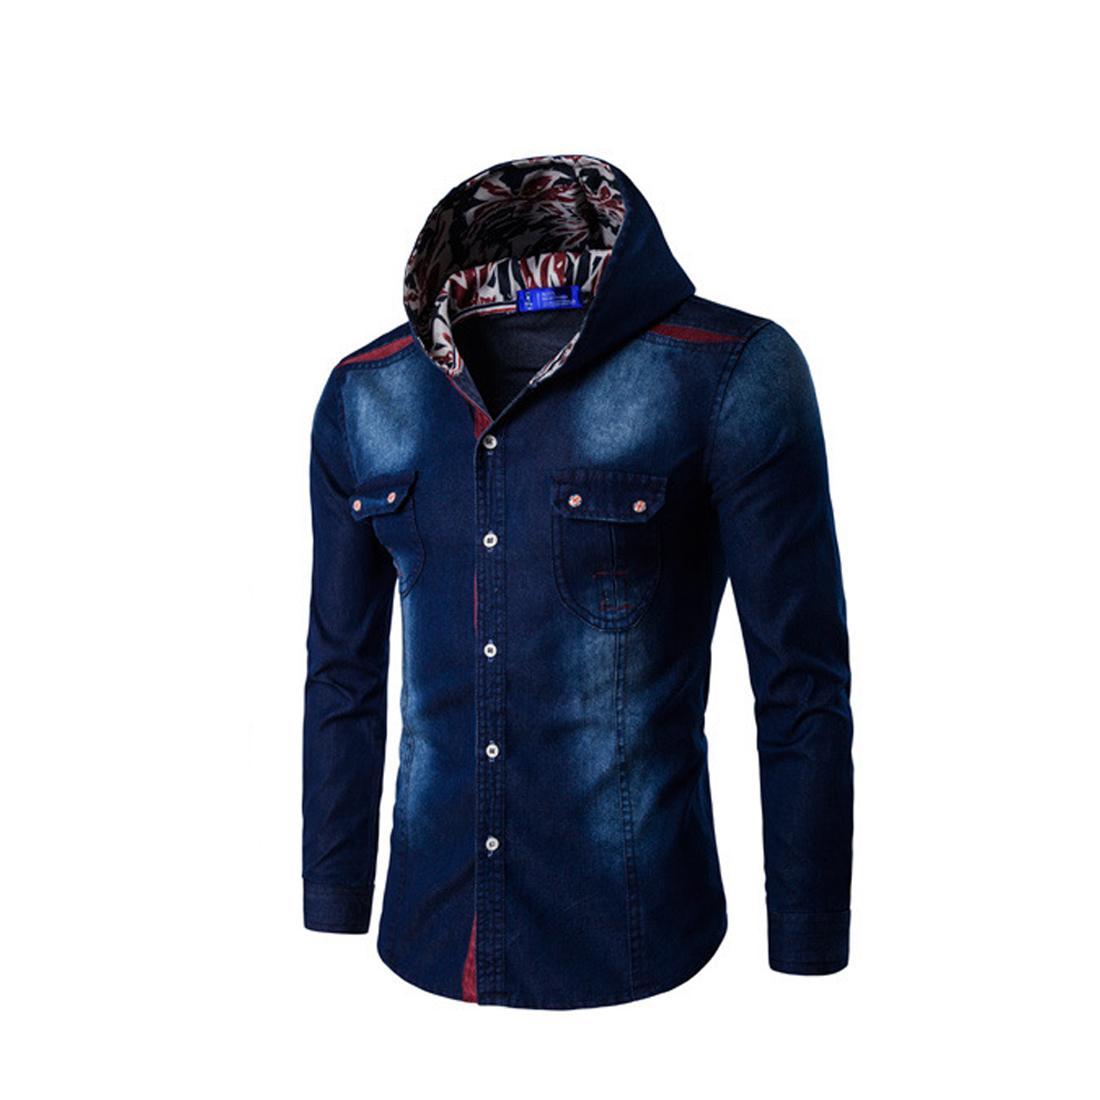 1a2b5edbdb Compre Camisas De Mezclilla Con Capucha De La Moda Al Por Mayor Slim Jeans  Para Hombre Camisas Blusa Botón Jean Casual Men Nueva SzM 3XL Plus Fit  Jacket ...